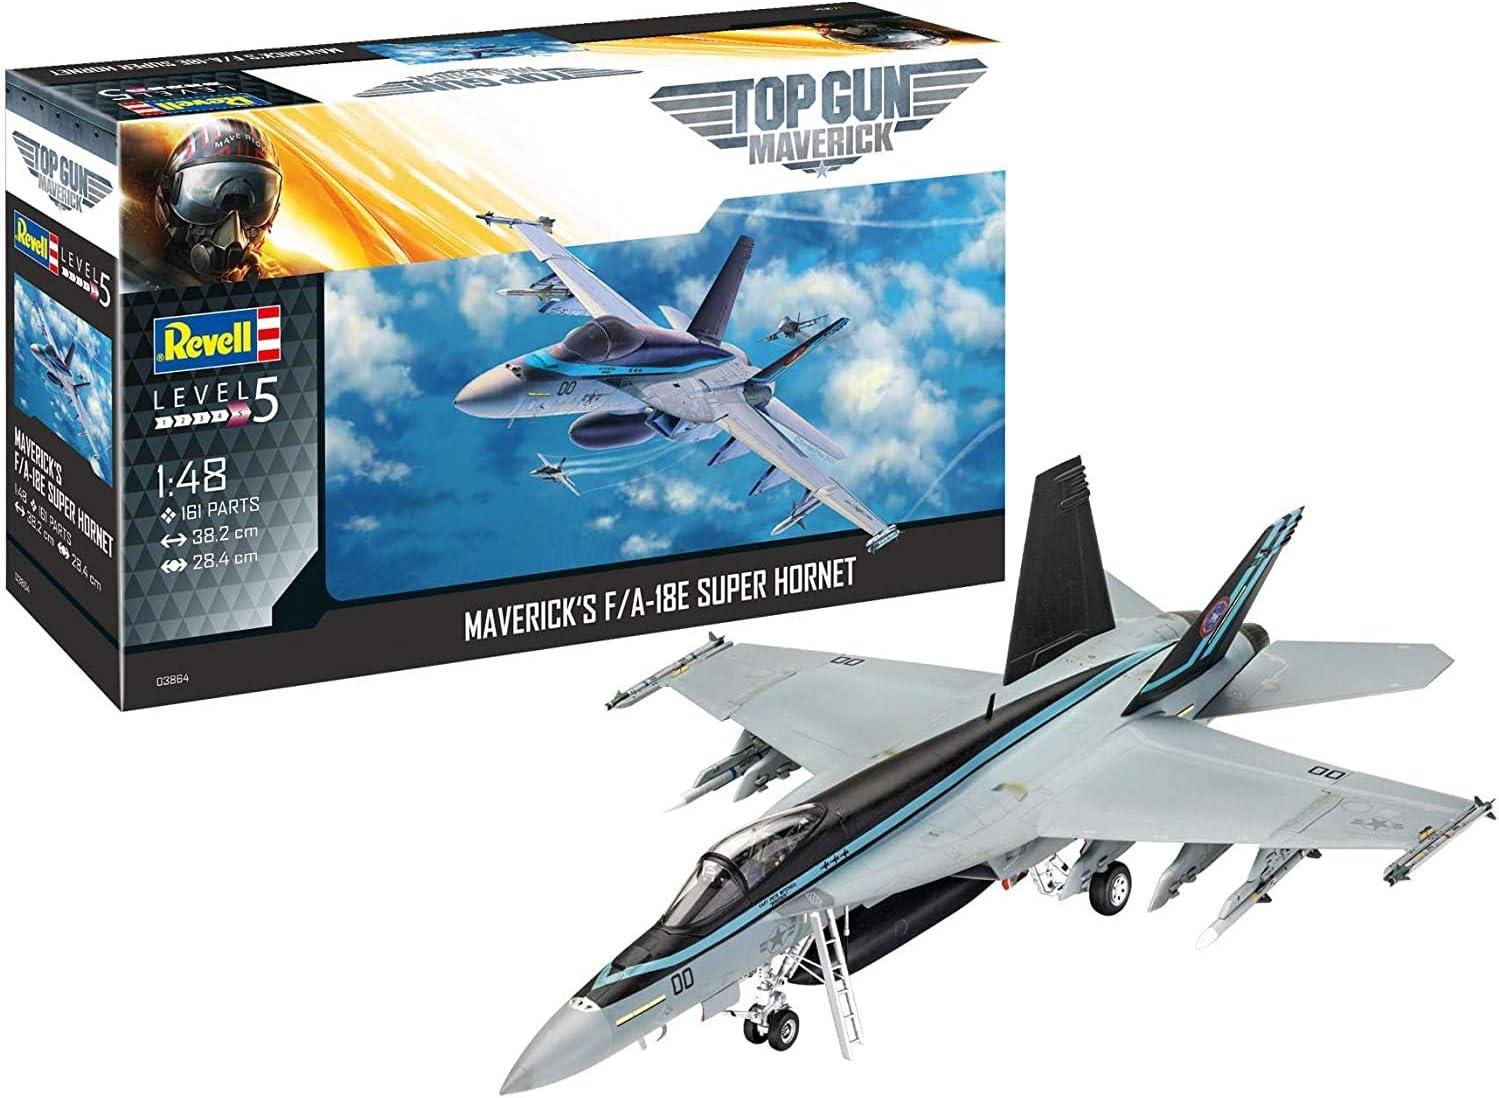 Revell 03864 F/A-18E Super Hornet - Maqueta de avión (1:48, 38,1 cm, sin lacar): Amazon.es: Juguetes y juegos